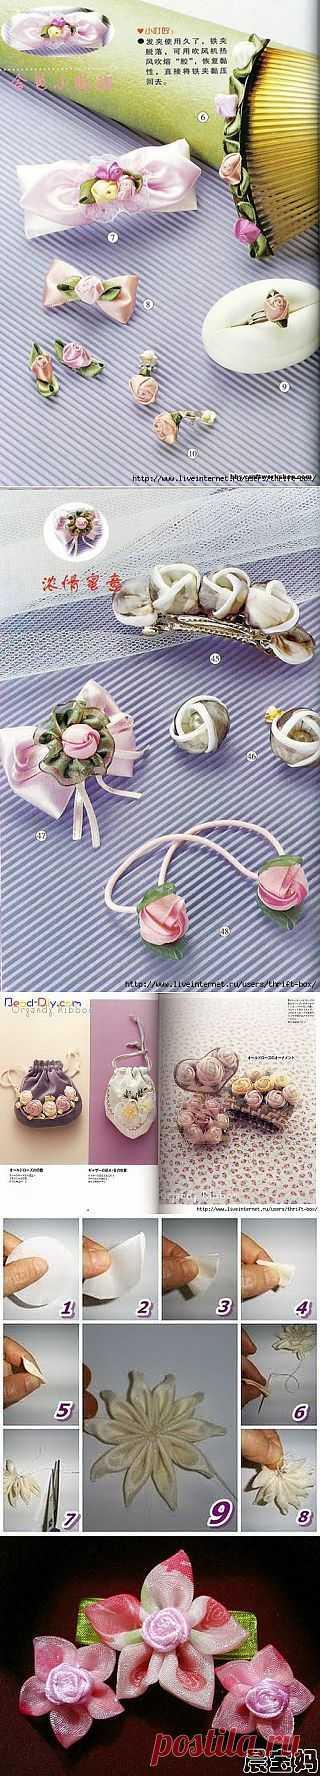 Для вдохновения, цитатник: Идеи декора готовых изделий: брошки из лент, цветы из ткани